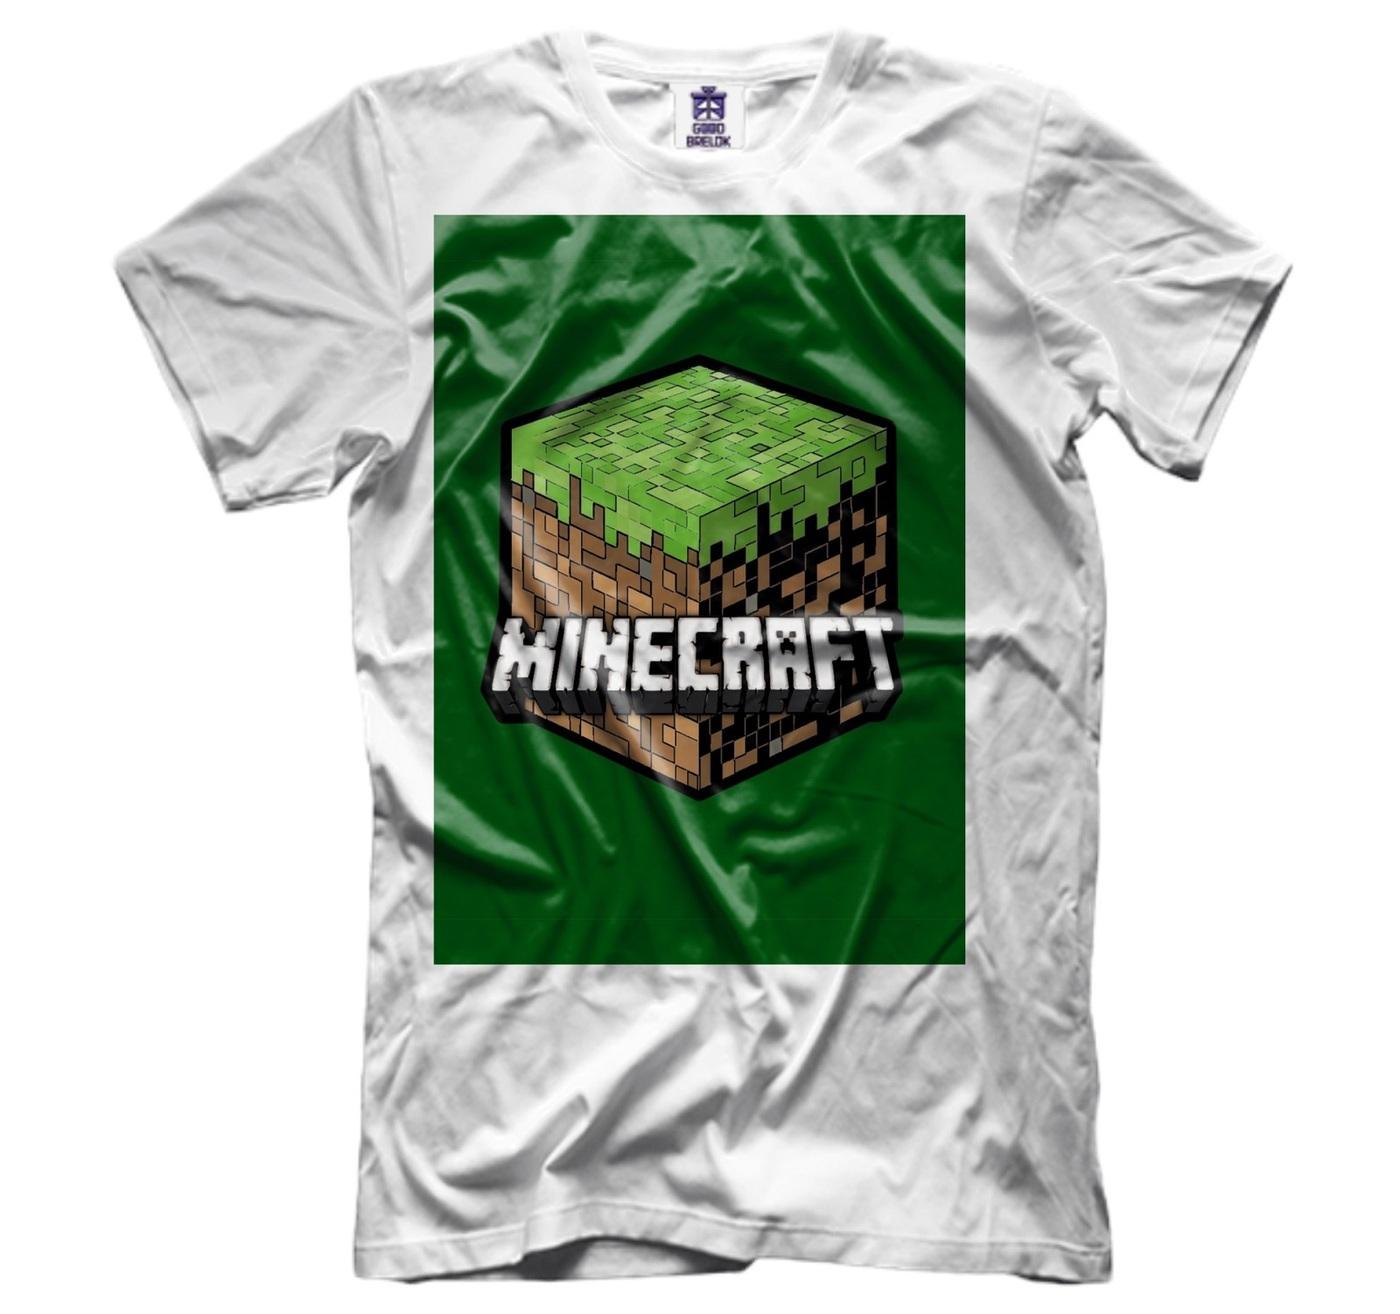 озон футболки с майнкрафт #4